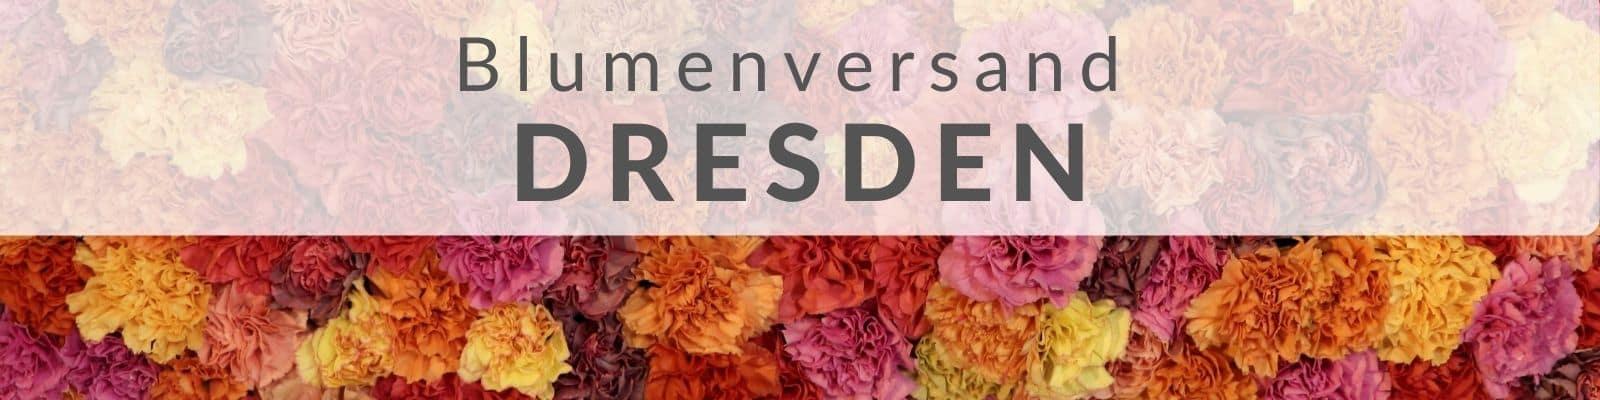 Blumen verschicken Dresden - Blumenversand